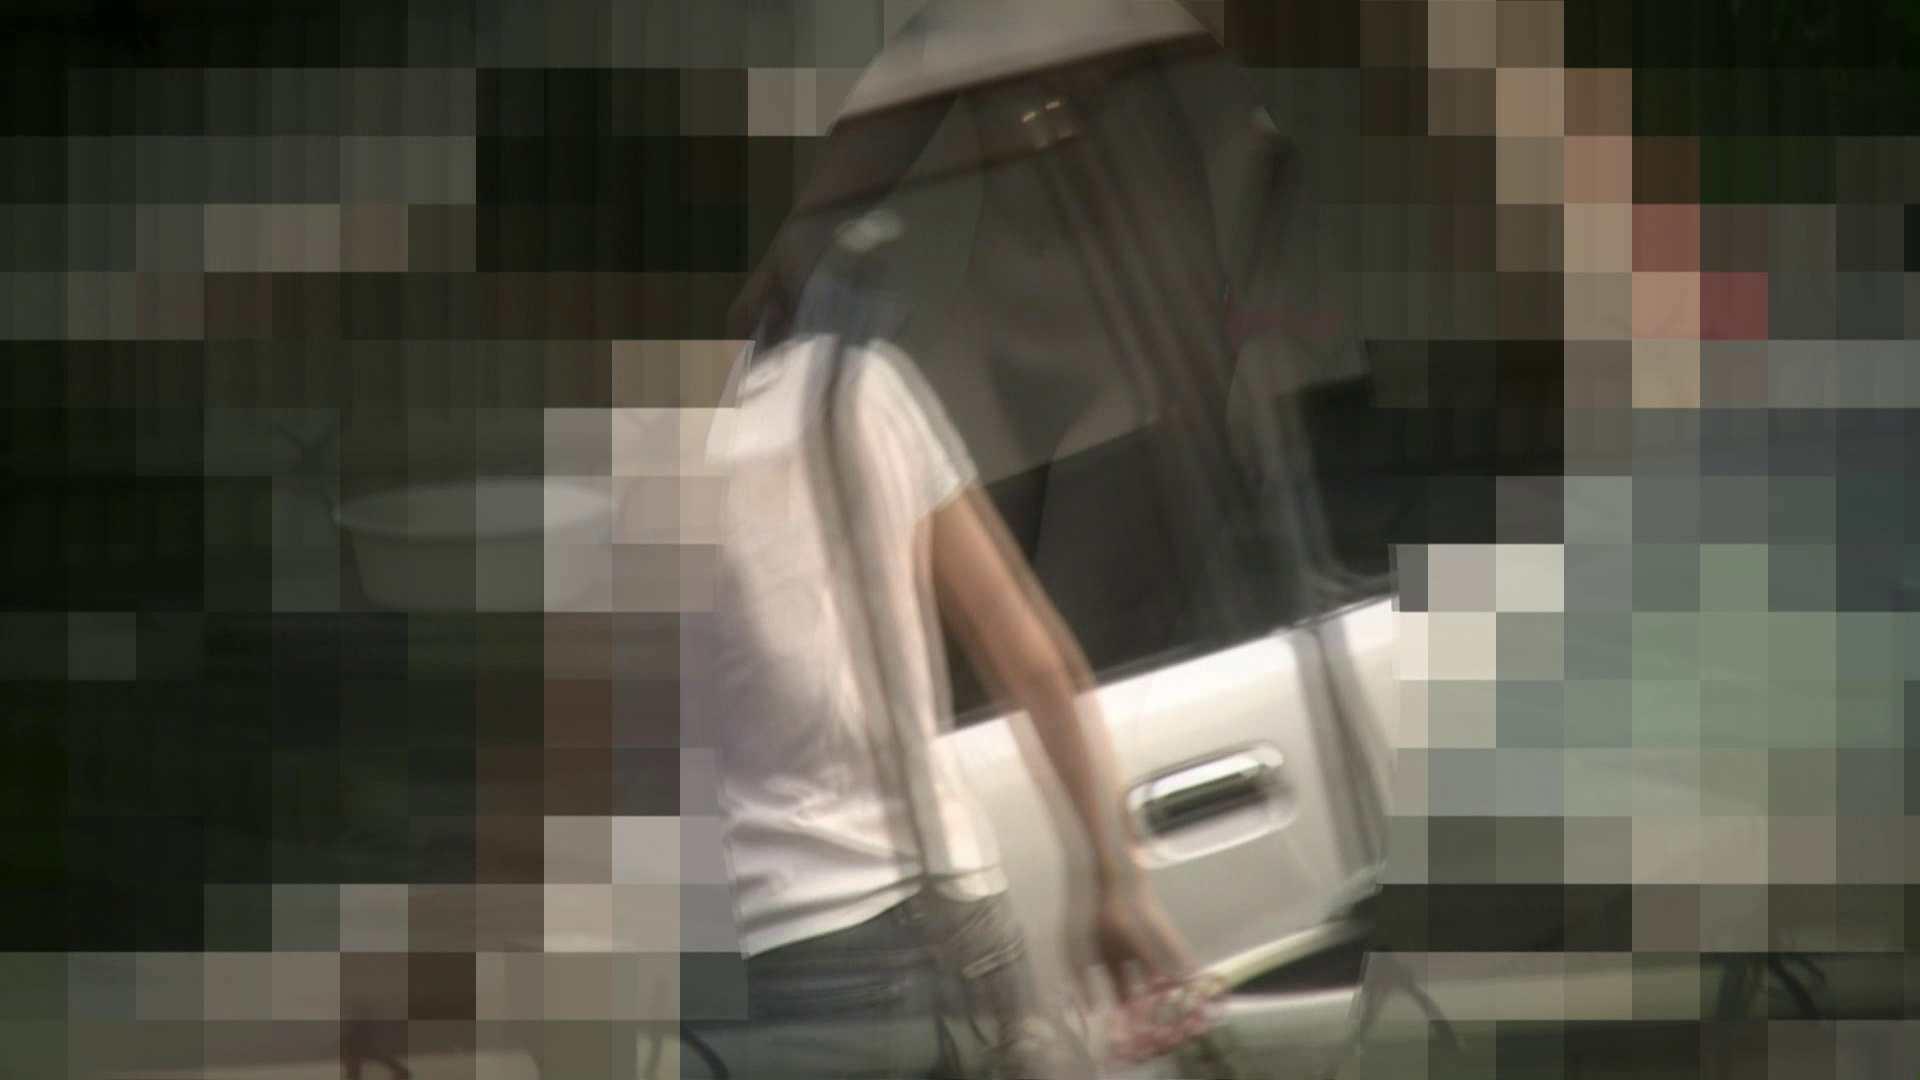 高画質露天女風呂観察 vol.027 高画質 覗きぱこり動画紹介 72画像 60